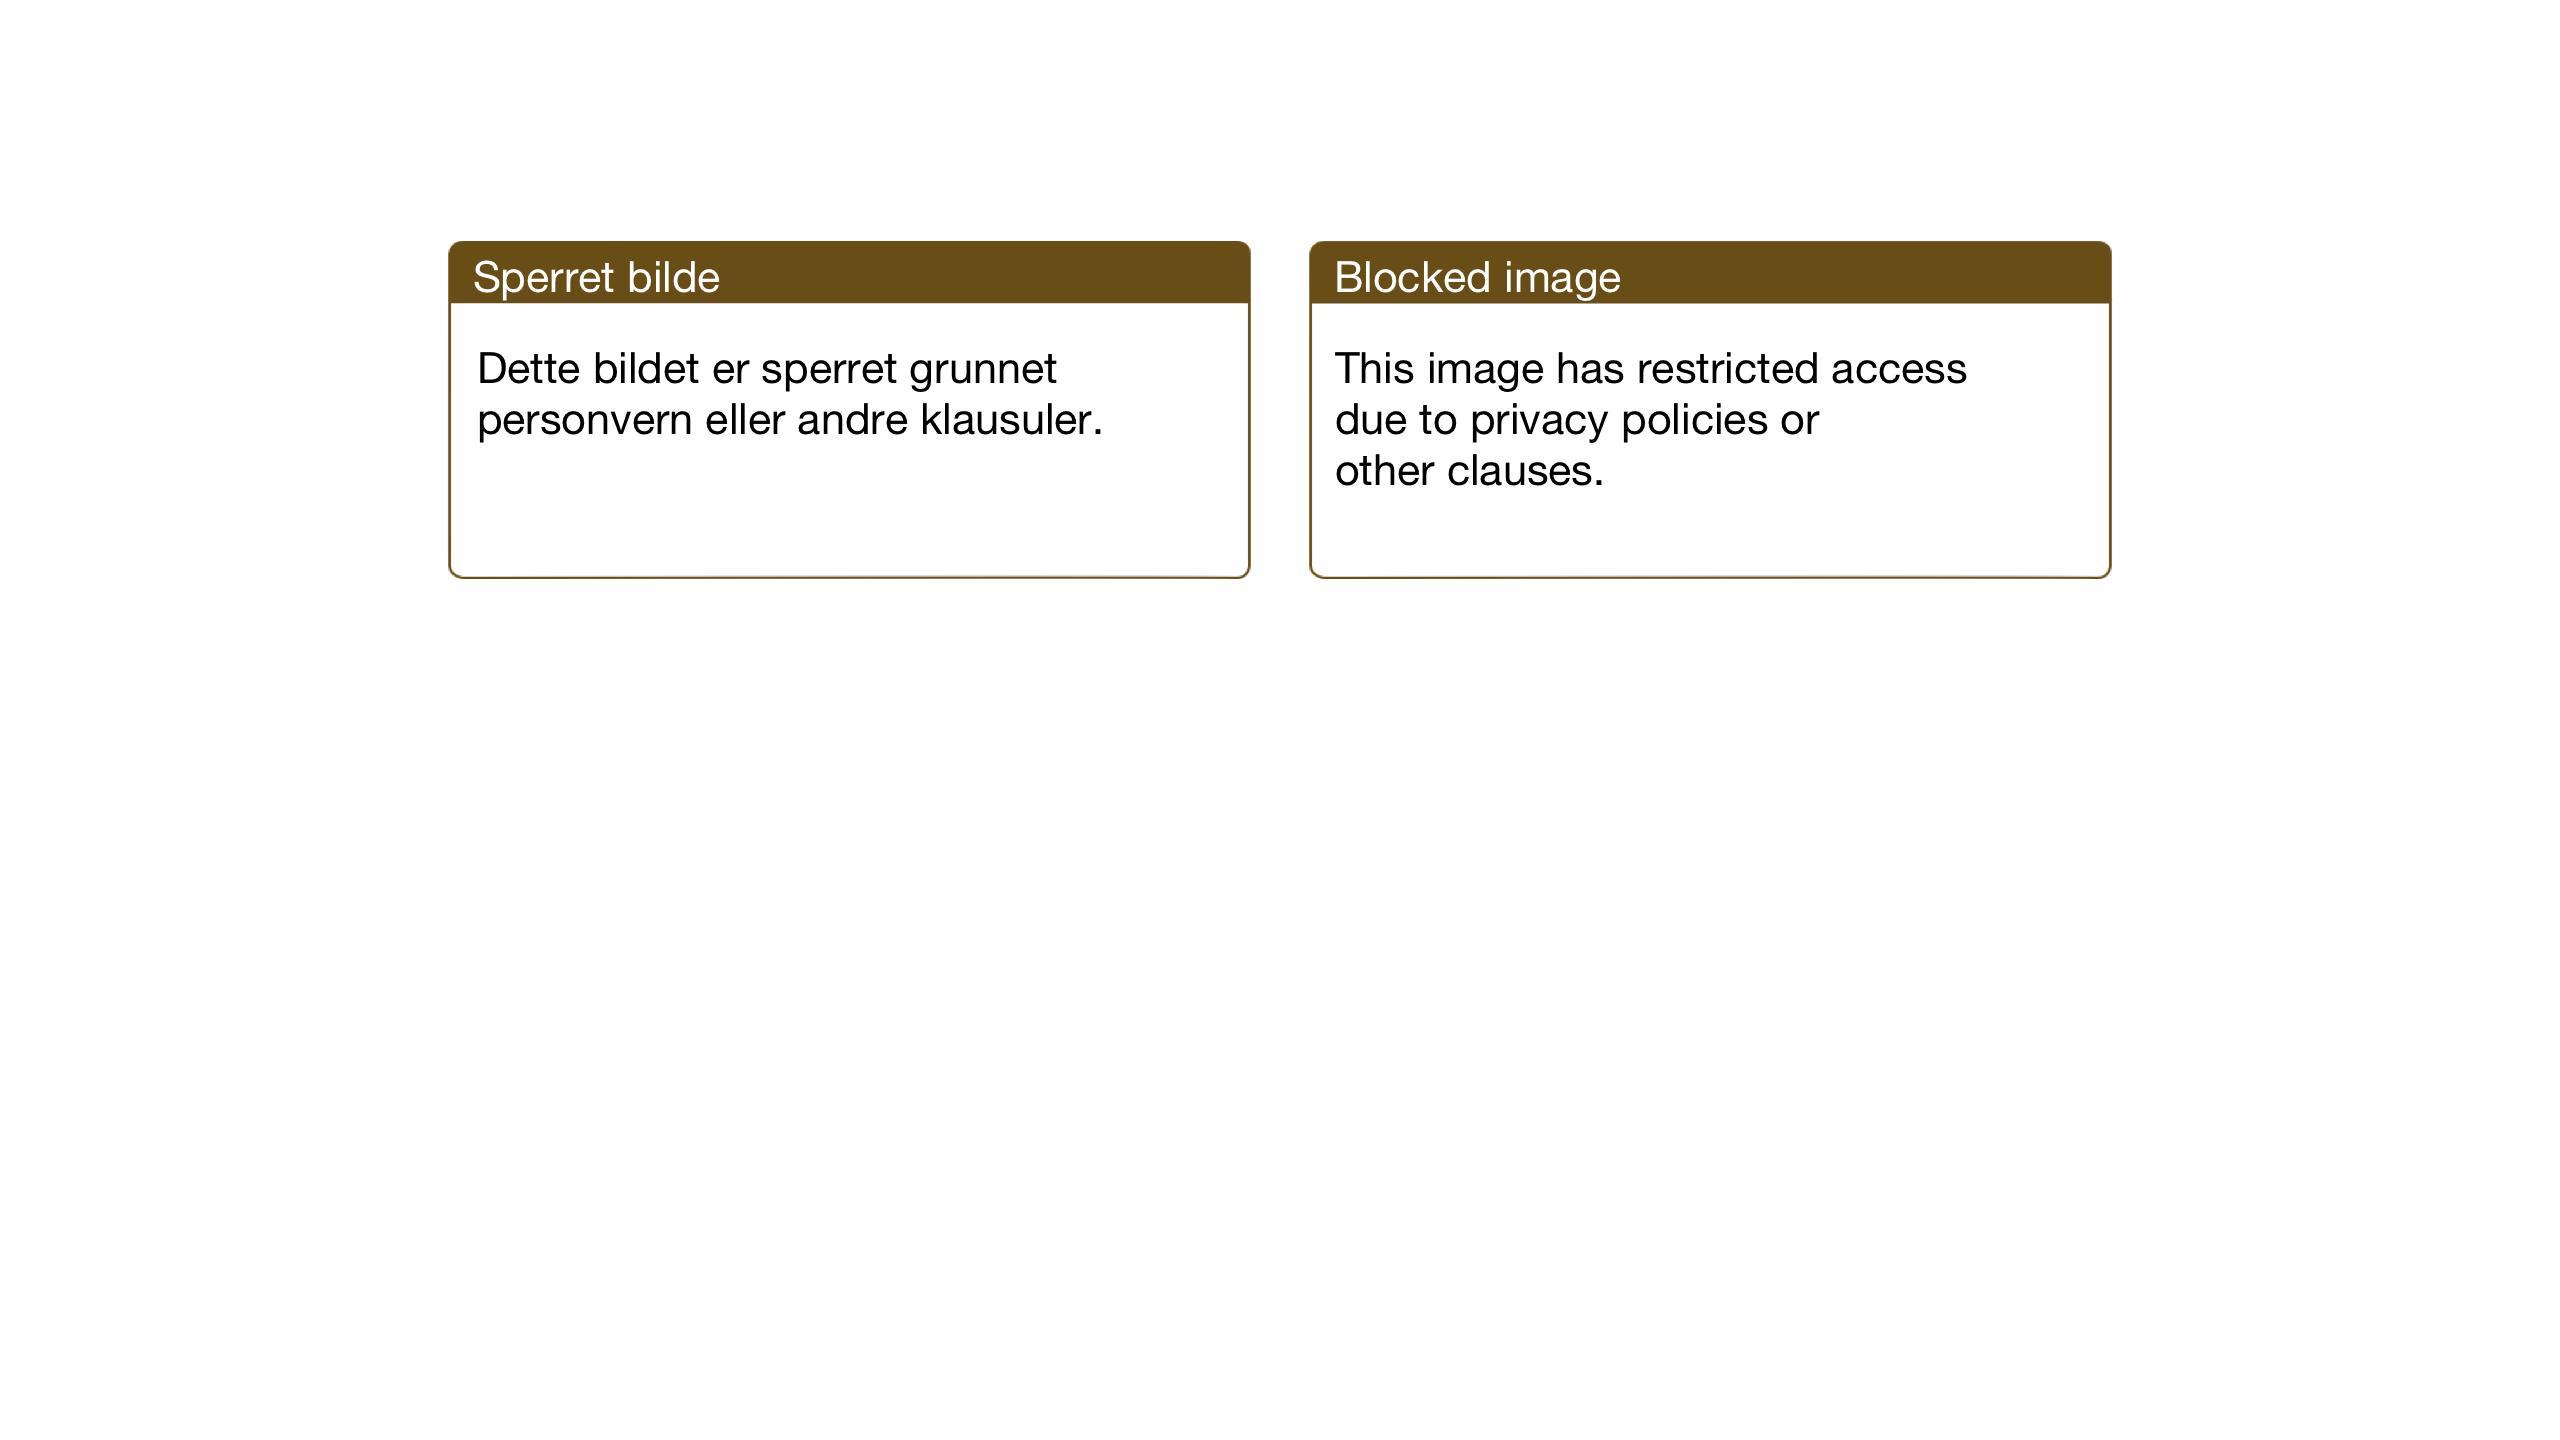 SAT, Ministerialprotokoller, klokkerbøker og fødselsregistre - Sør-Trøndelag, 618/L0454: Klokkerbok nr. 618C05, 1926-1946, s. 31